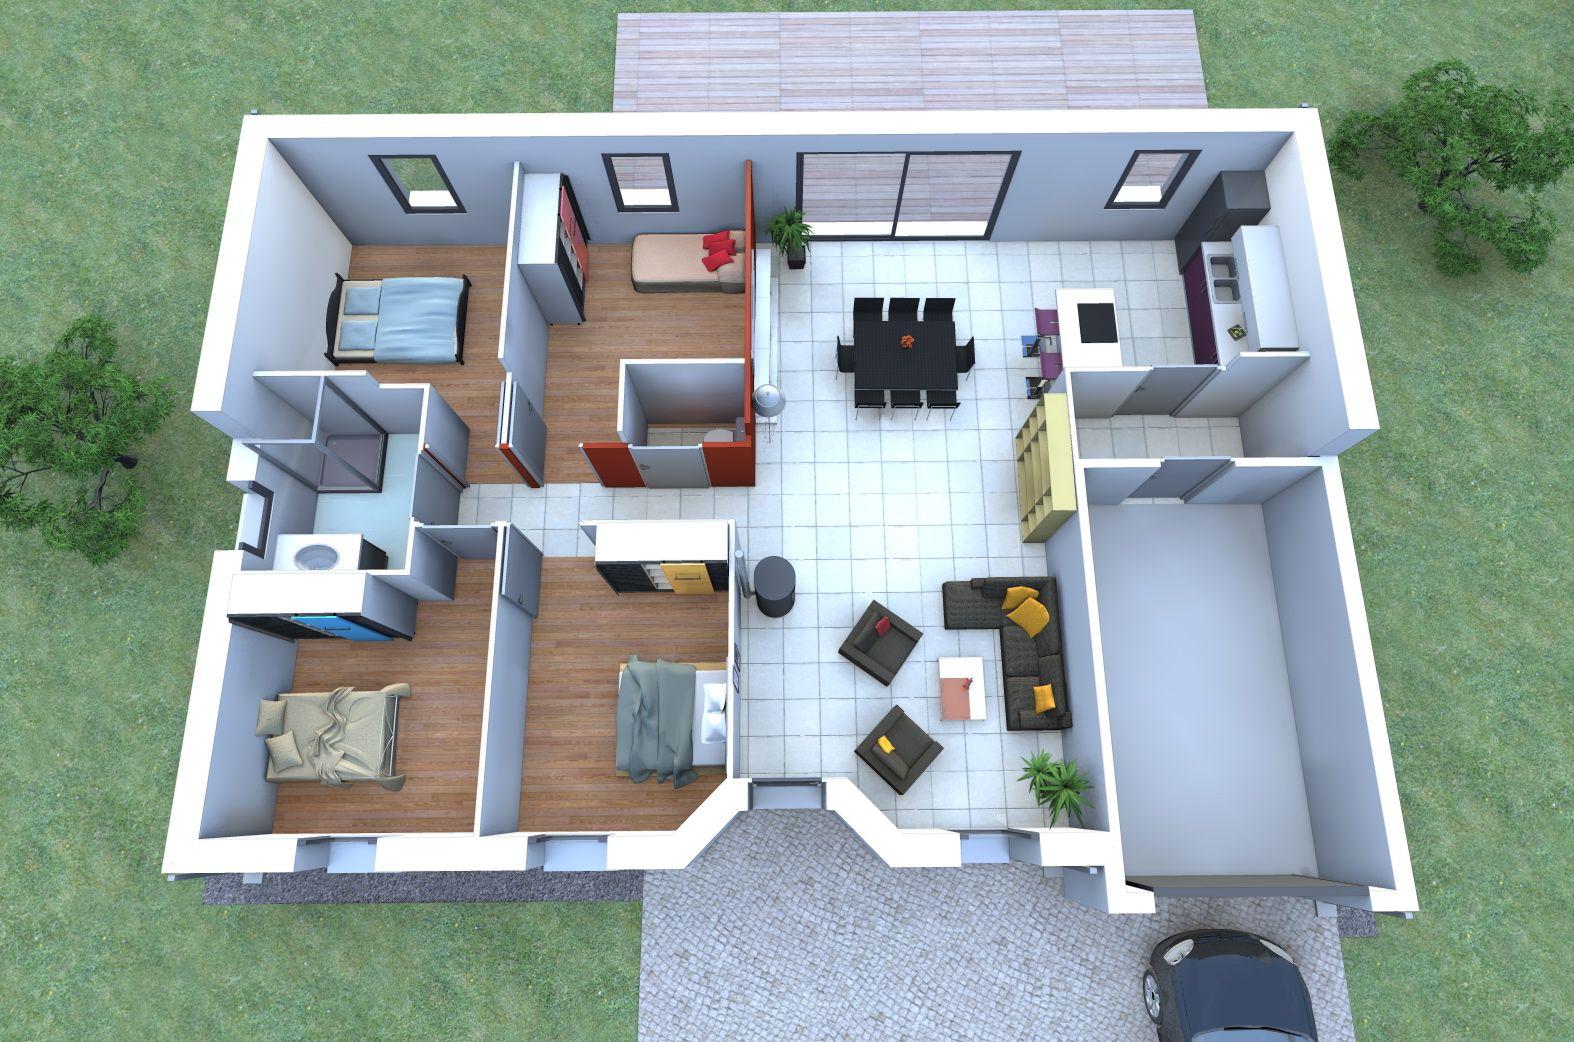 Imaginez votre maison 4 chambres + garage, disposez vos meubles à l ...